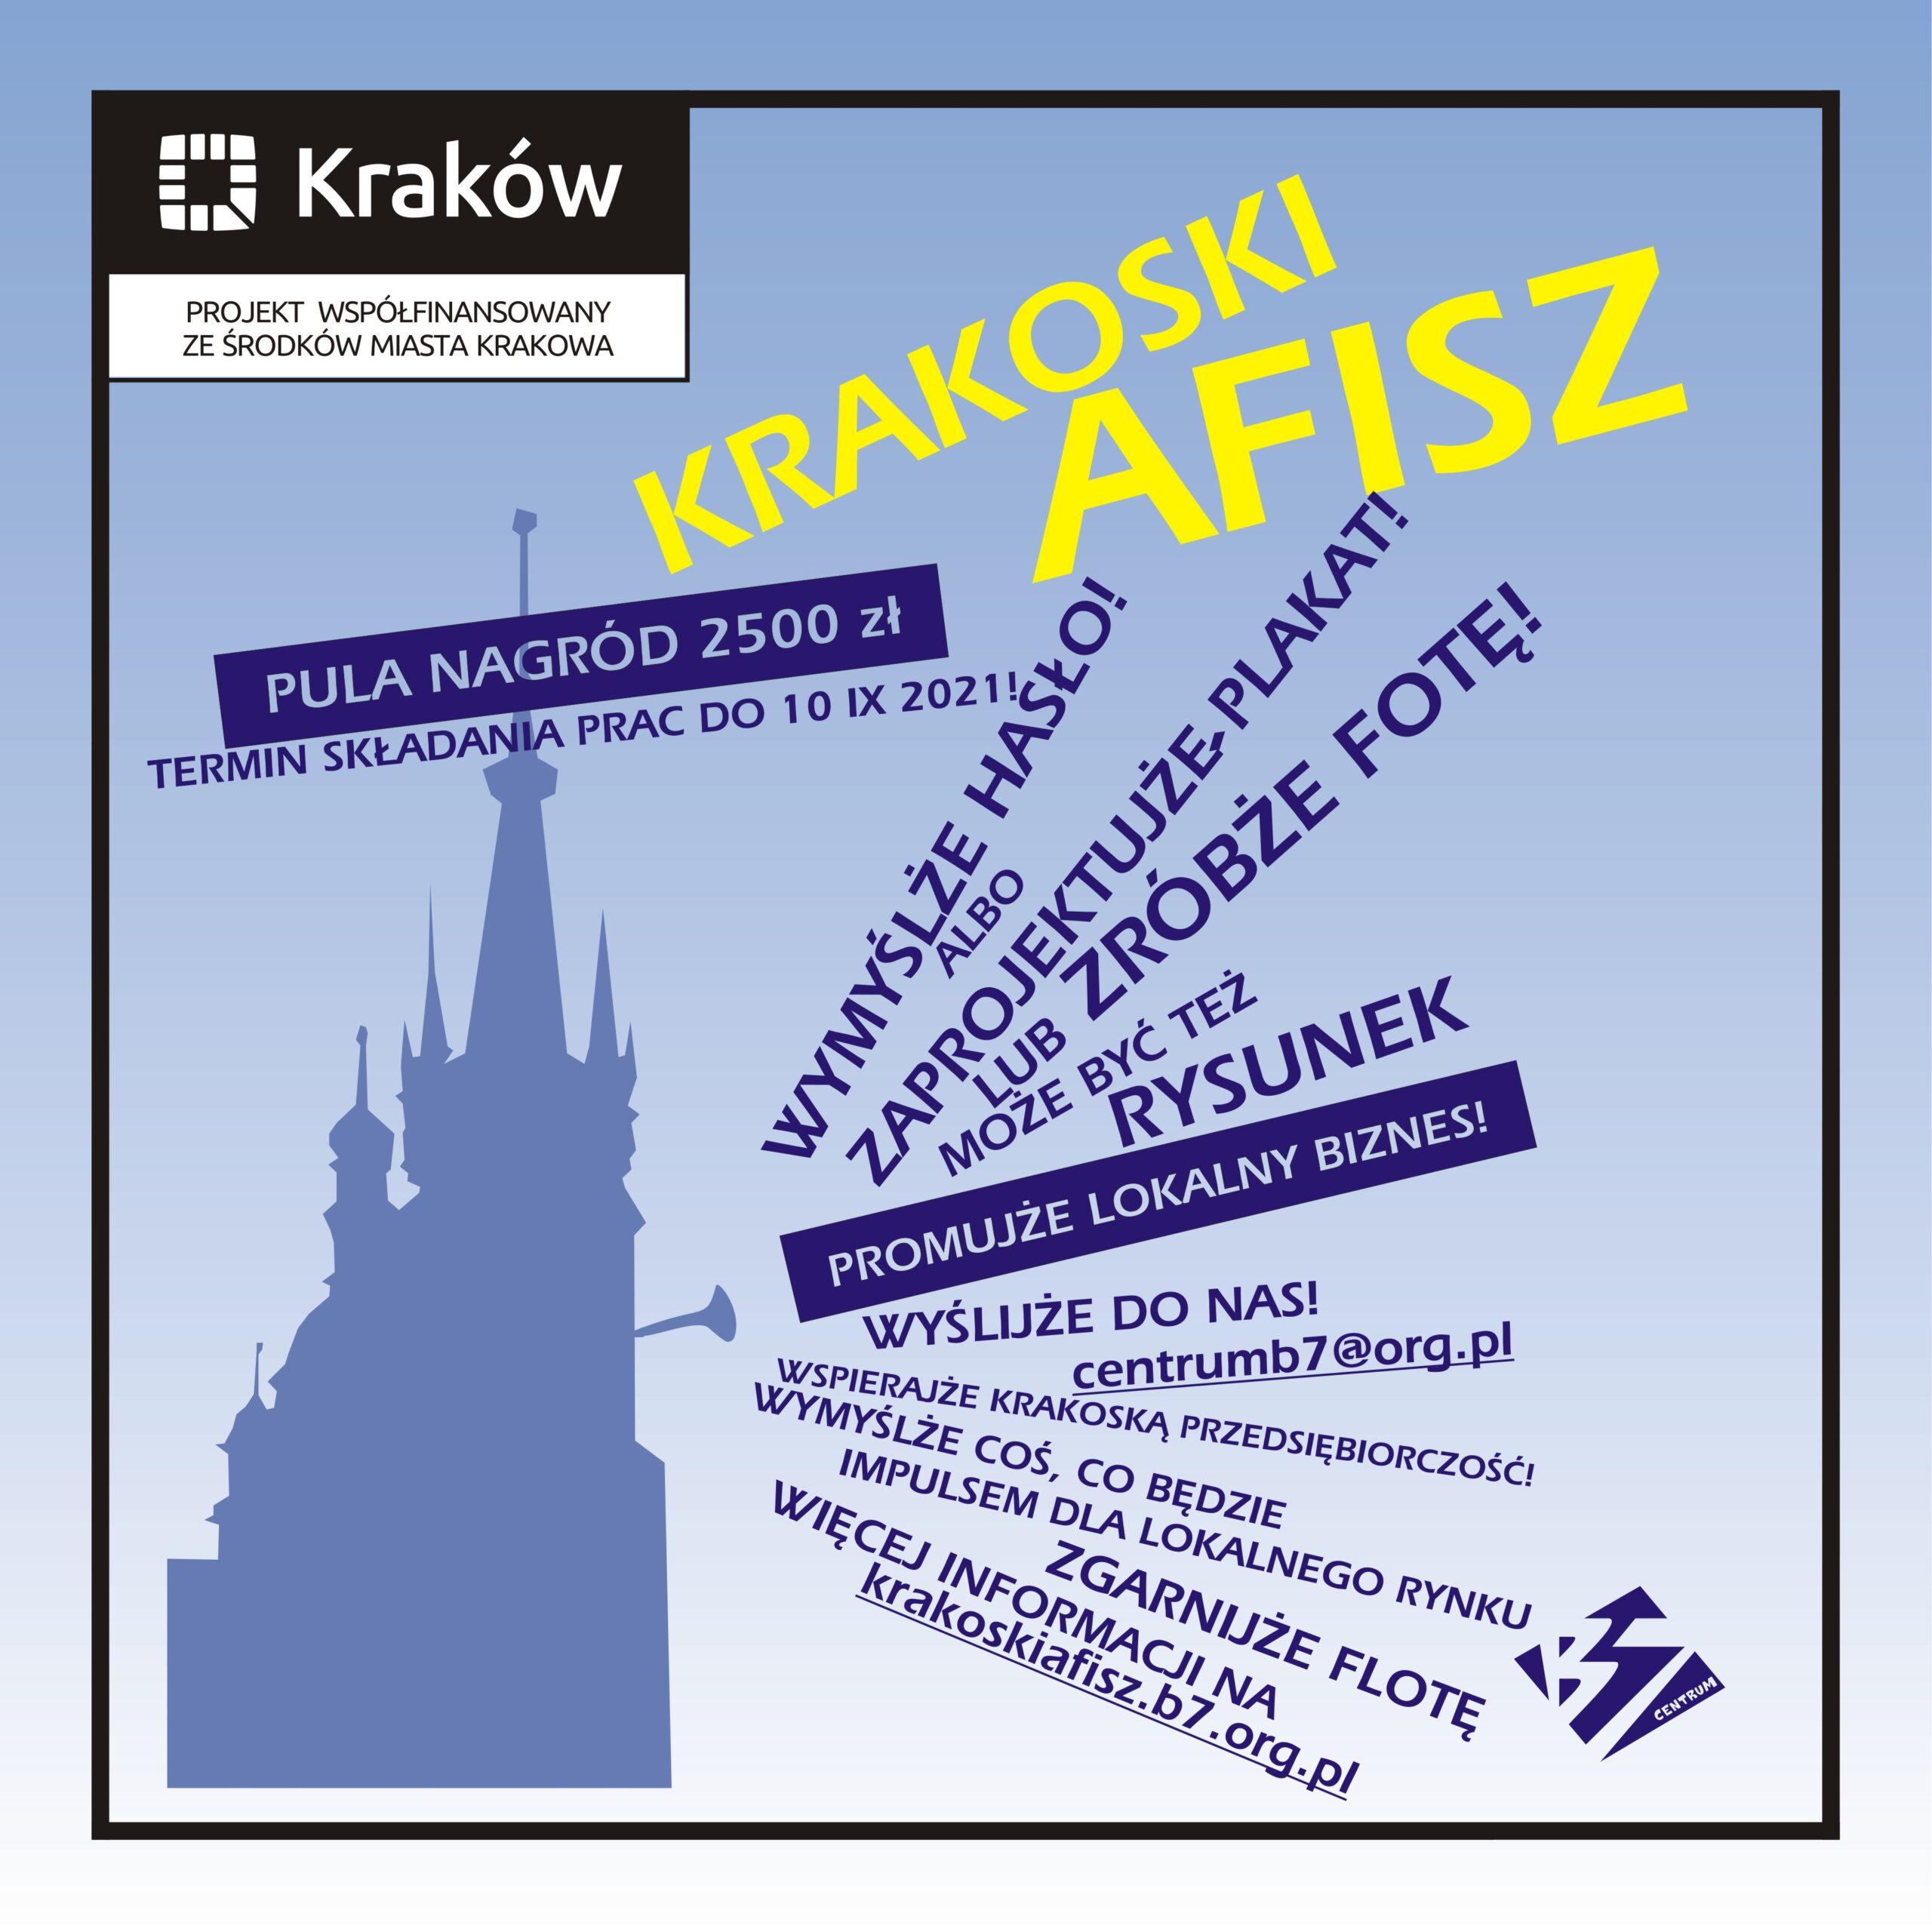 Plakat - Krakoski Afisz. Grafika przedstawia kontury Kościoła Mariackiego oraz informacje na temat konkursu, idąc od góry: Współfinansowanie przez Miasto Kraków, nazwa Krakoski Afisz, Pula nagród 2500 złotych, Termin składania prac do 10 września 2021 r. oraz hasła: wymyślże hasło albo zaproponuj plakat, zróbże fotki. może być też rysunek, promujże lokalny biznes, wyślij do nas na centrum@b7.org.pl, wspieraj krakowską przedsiębiorczość, wymyśl coś co będzie impulsem dla lokalnego rynku, zgrajniże flotę, więcej informacji na krakoskiafisz.b7.org.pl